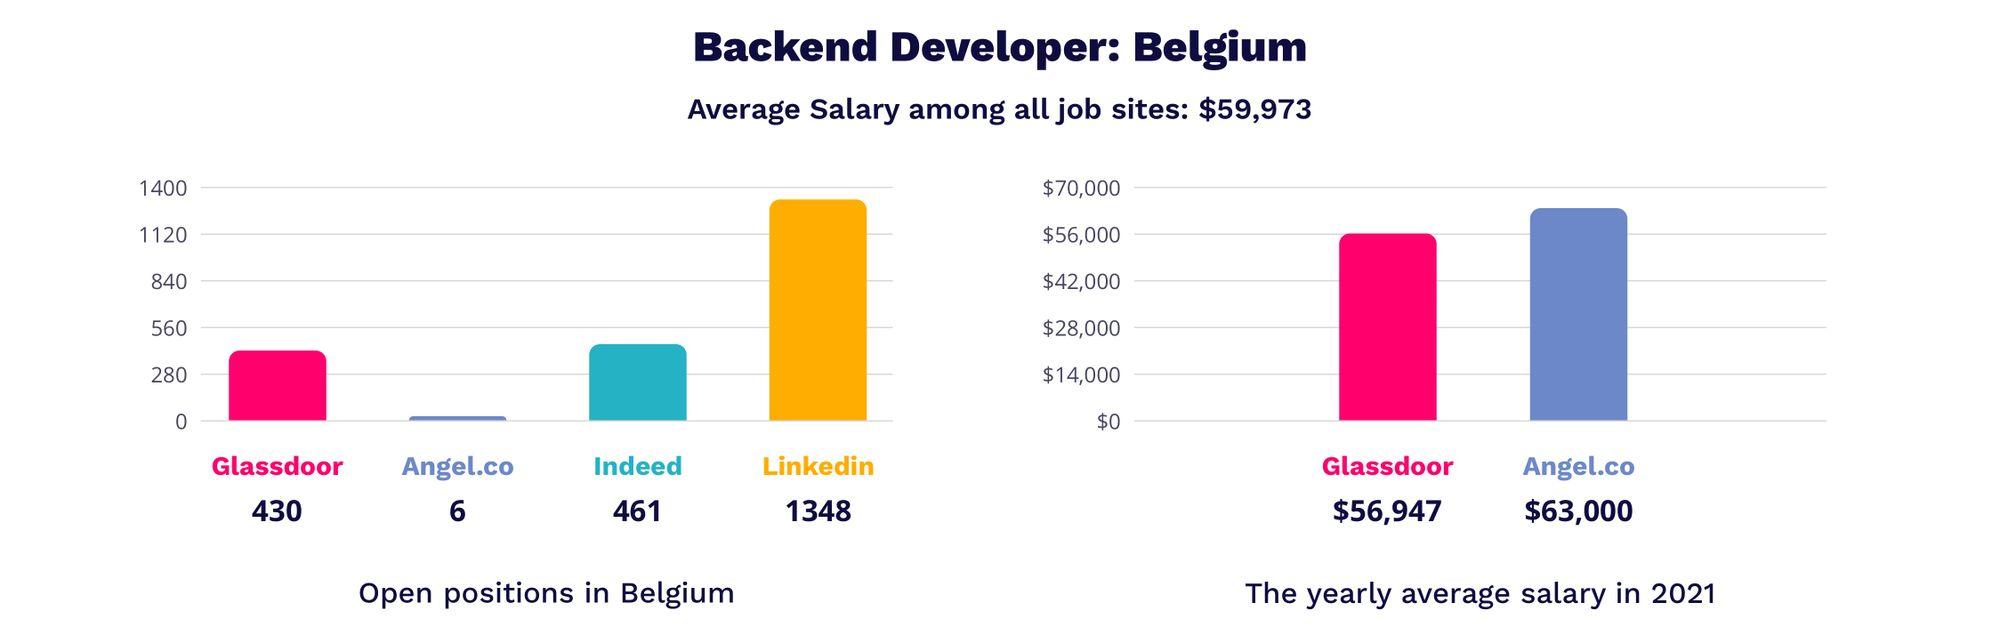 backend developer salary in Belgium